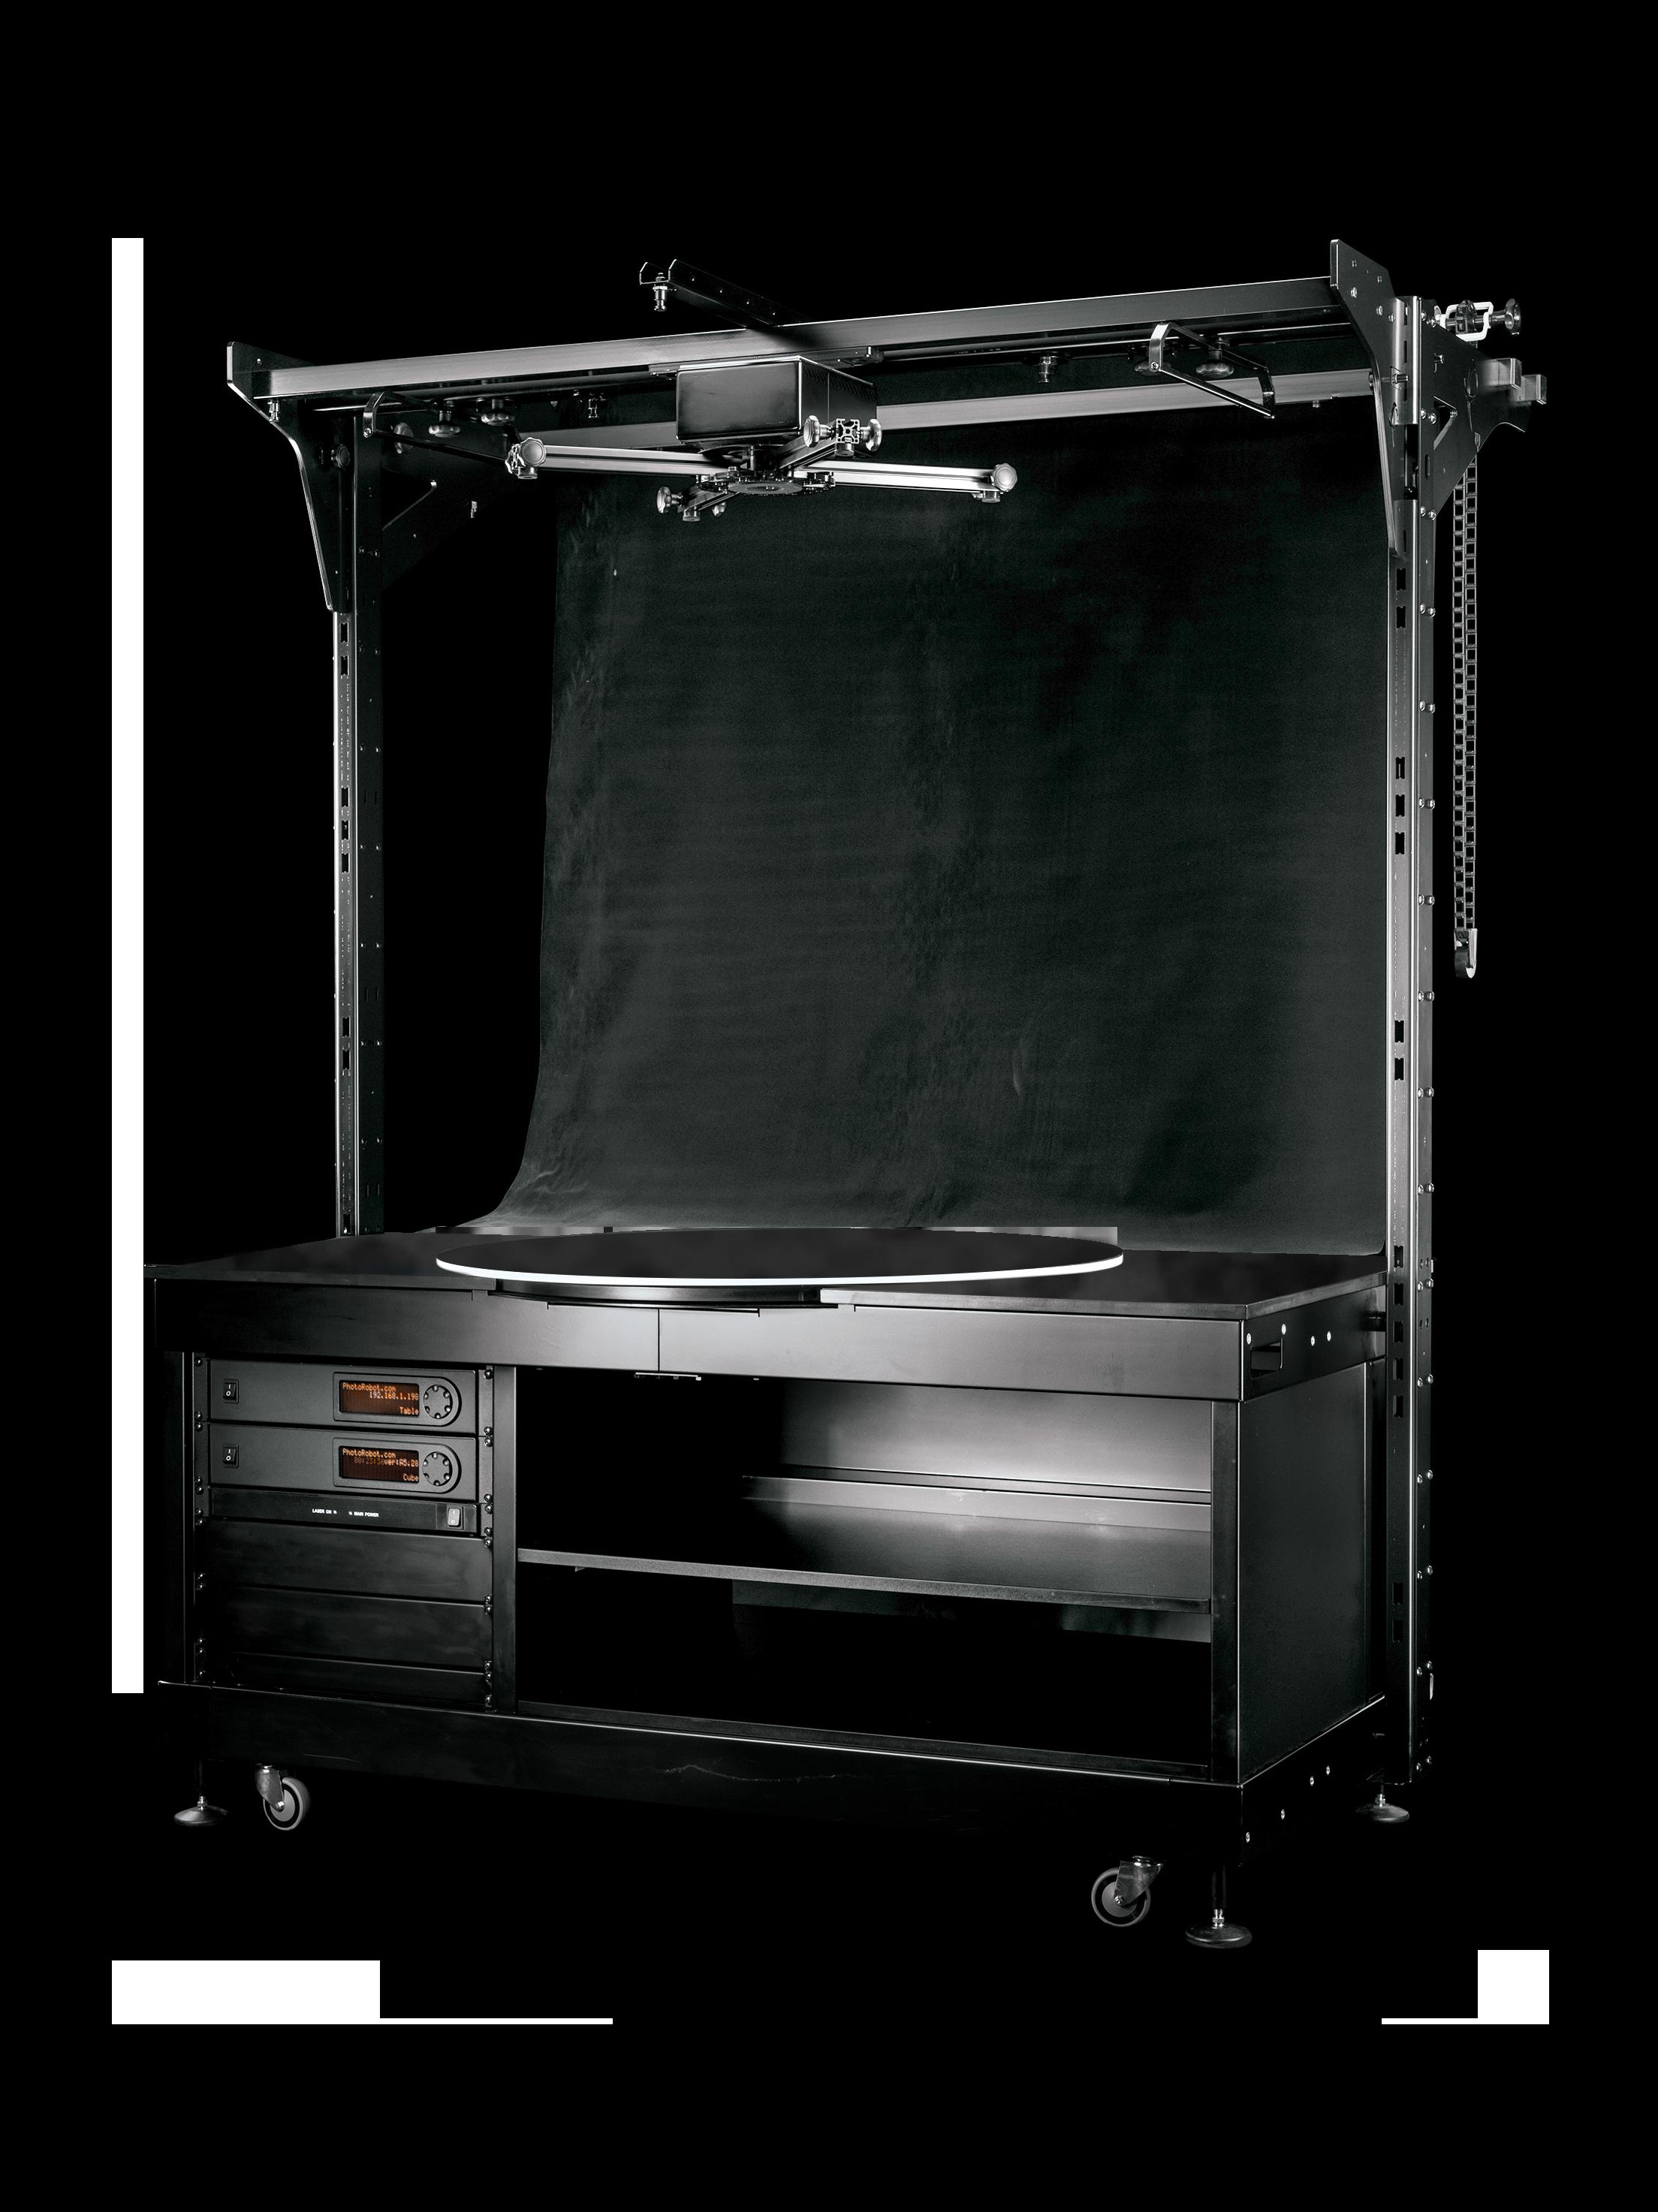 PhotoRobot pöördlauast, mis on paigaldatud koos PhotoRobot CUBE keerukate esemete pildistamiseks